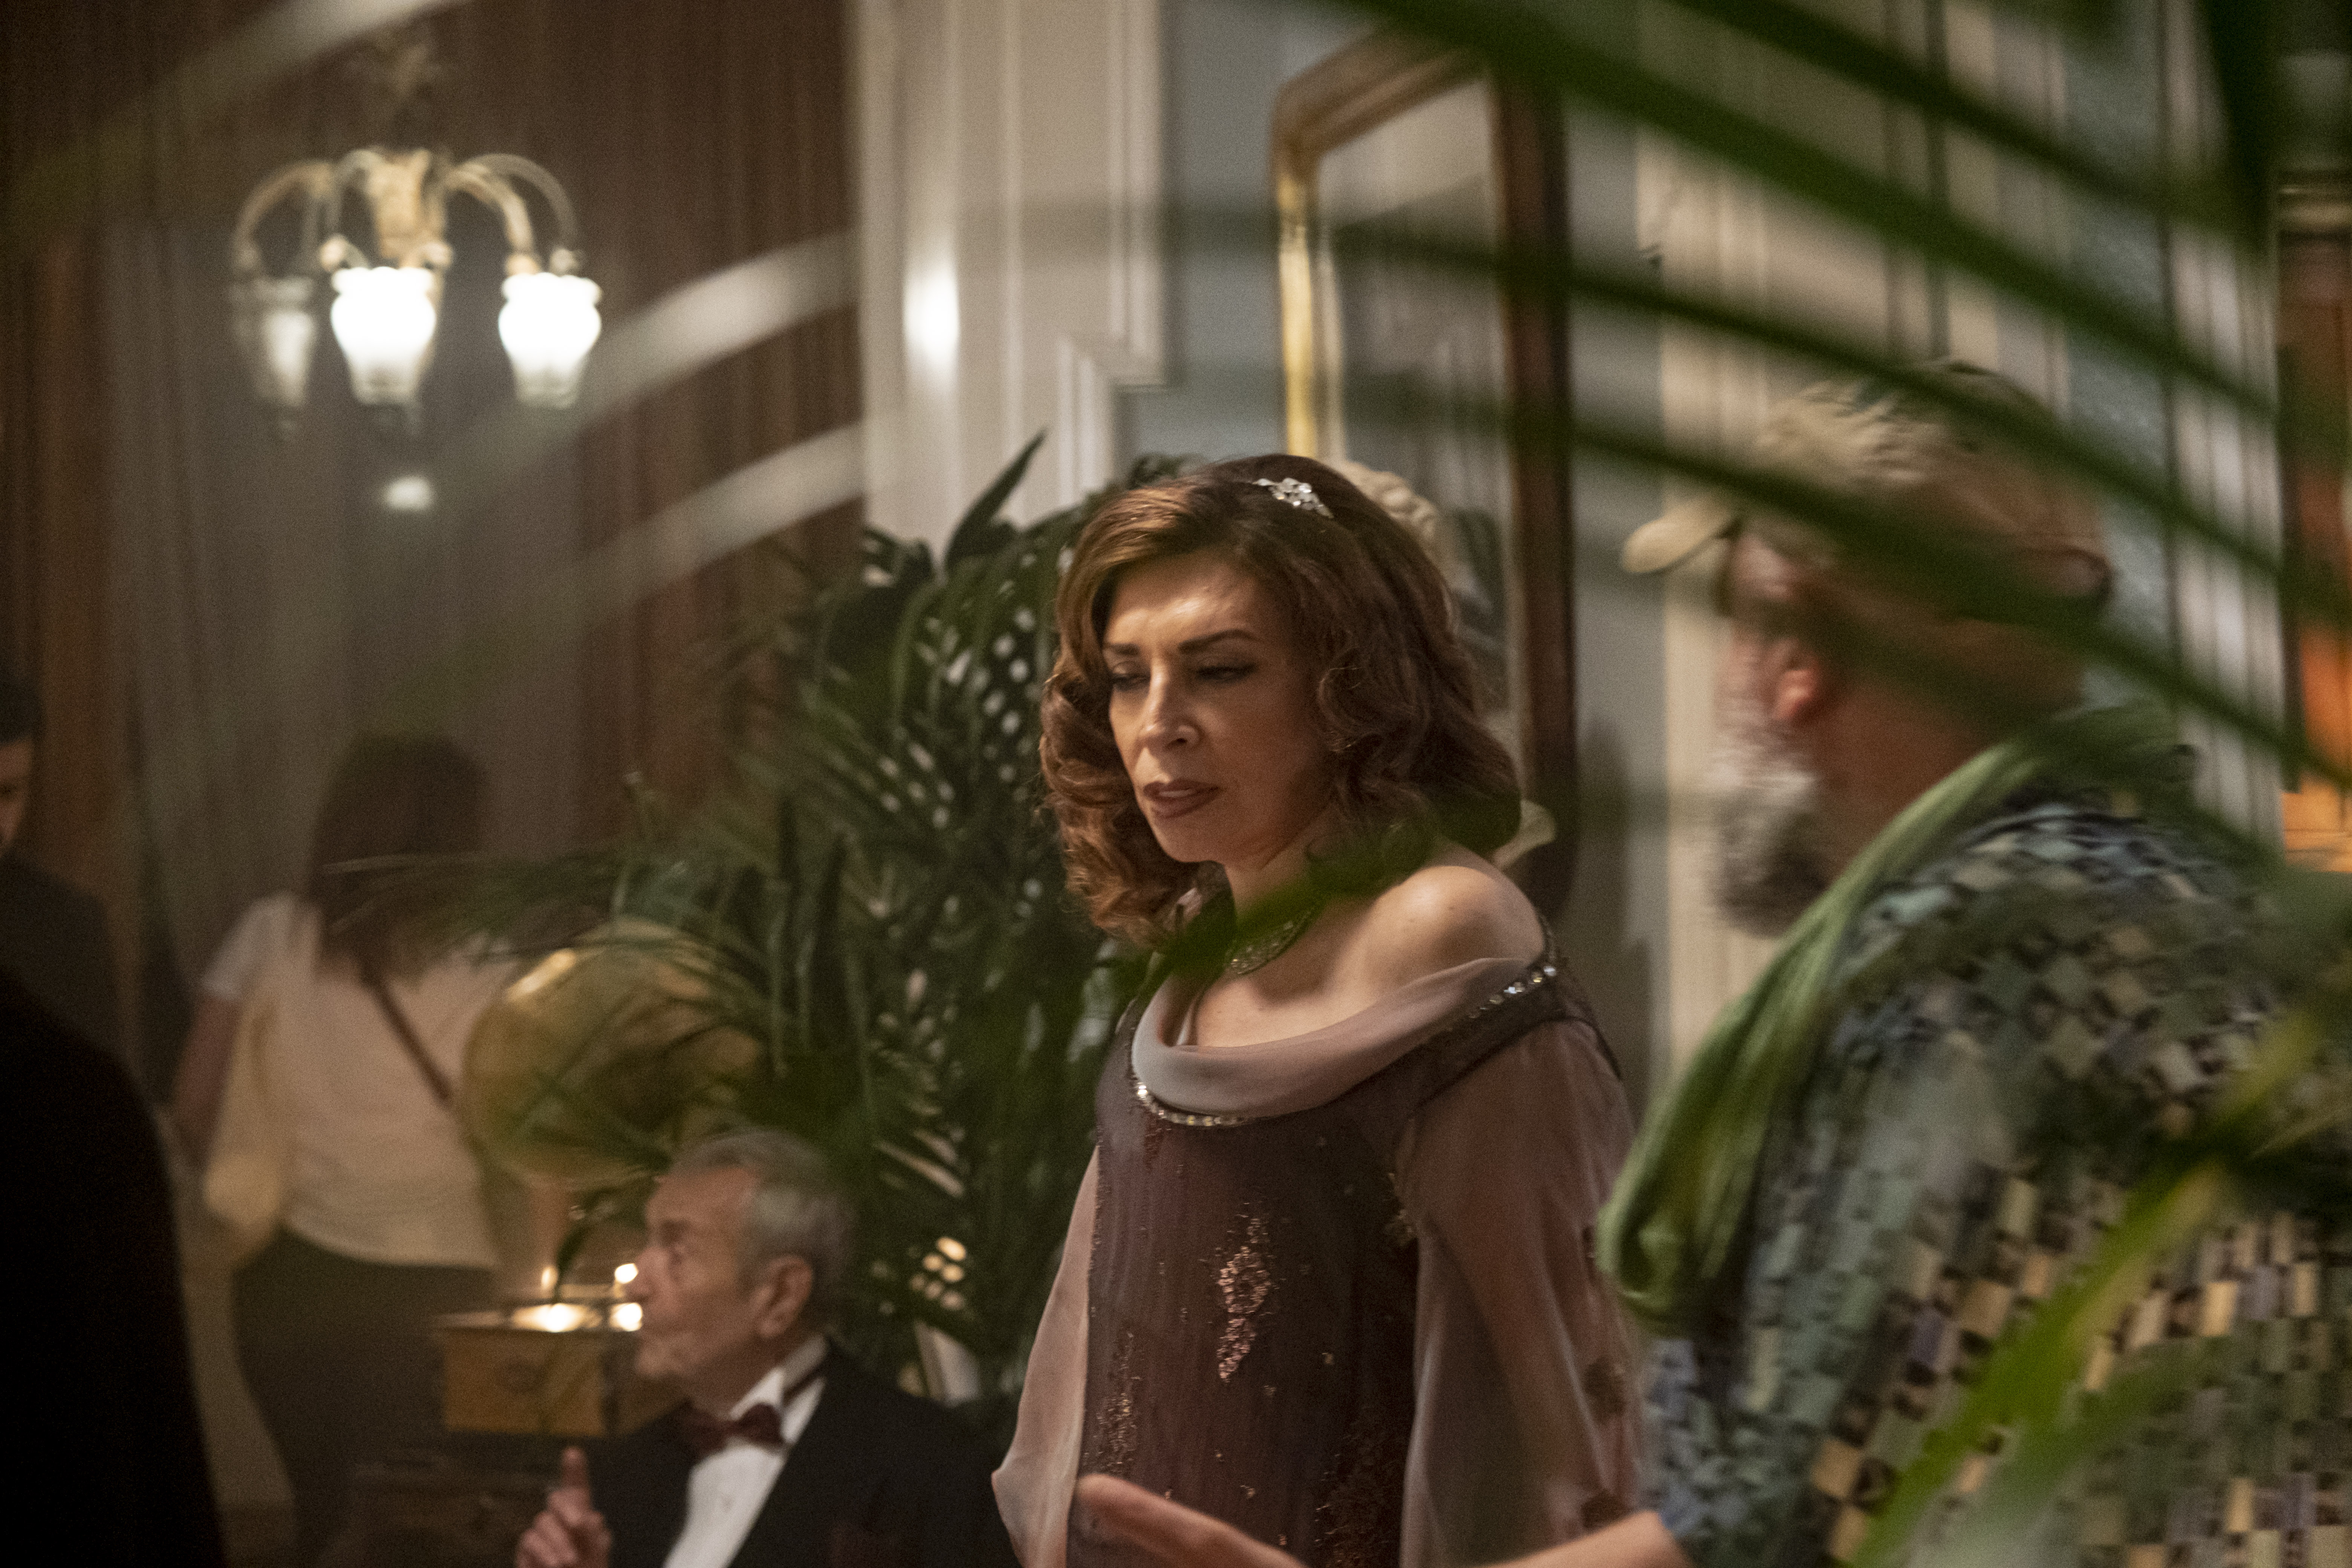 Σμύρνη μου αγαπημένη – The movie: Όσα συμβαίνουν στα παρασκήνια της ταινίας